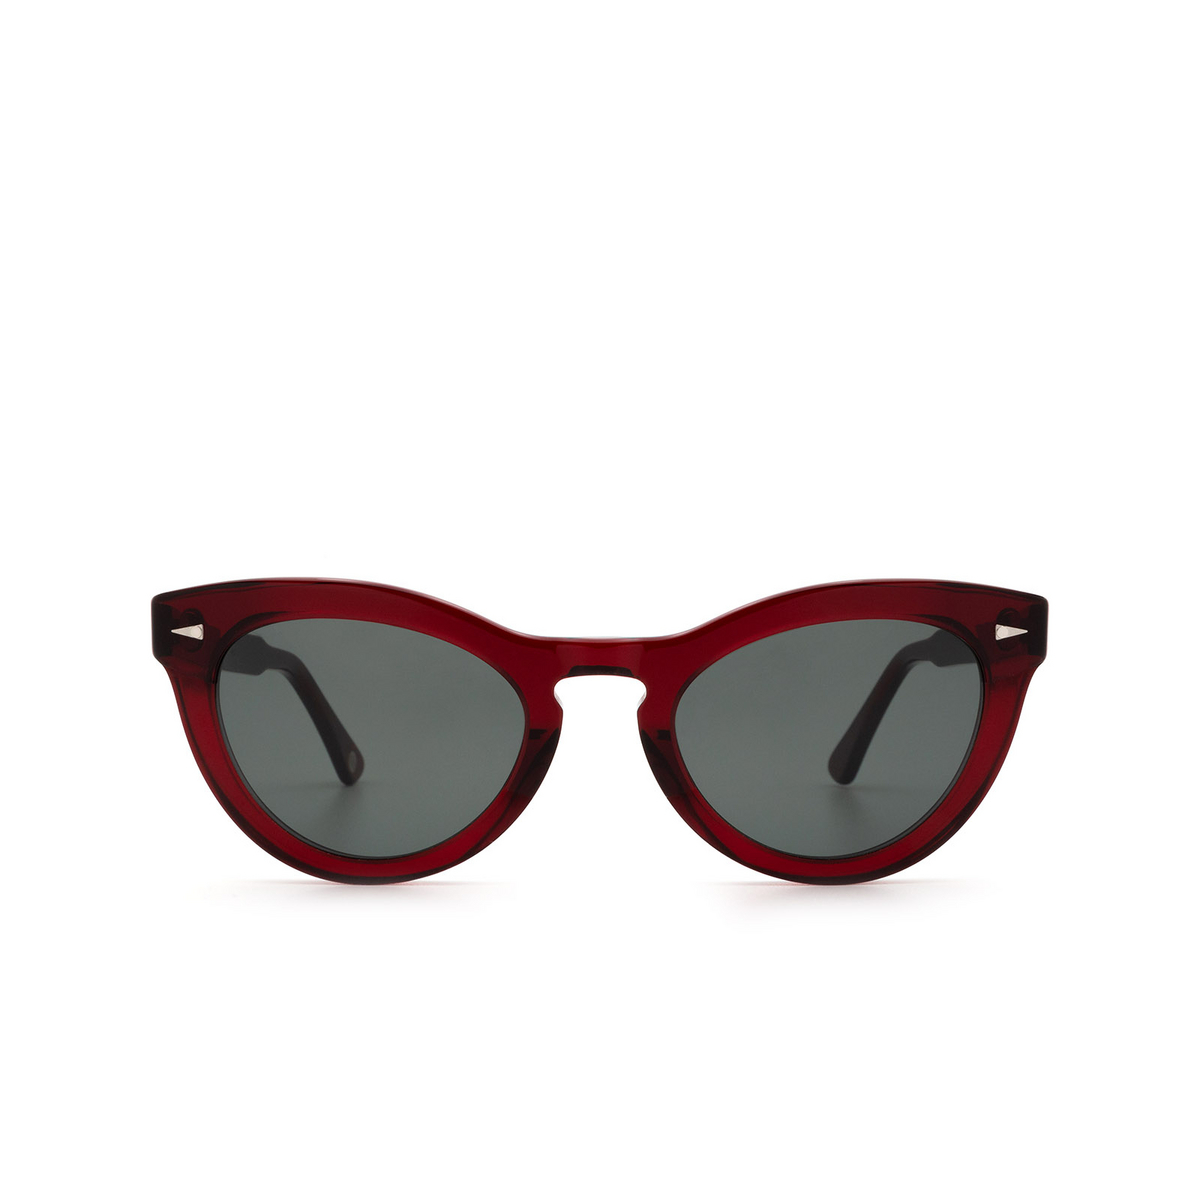 Ahlem® Cat-eye Sunglasses: Ile St Louis color Burgundy.